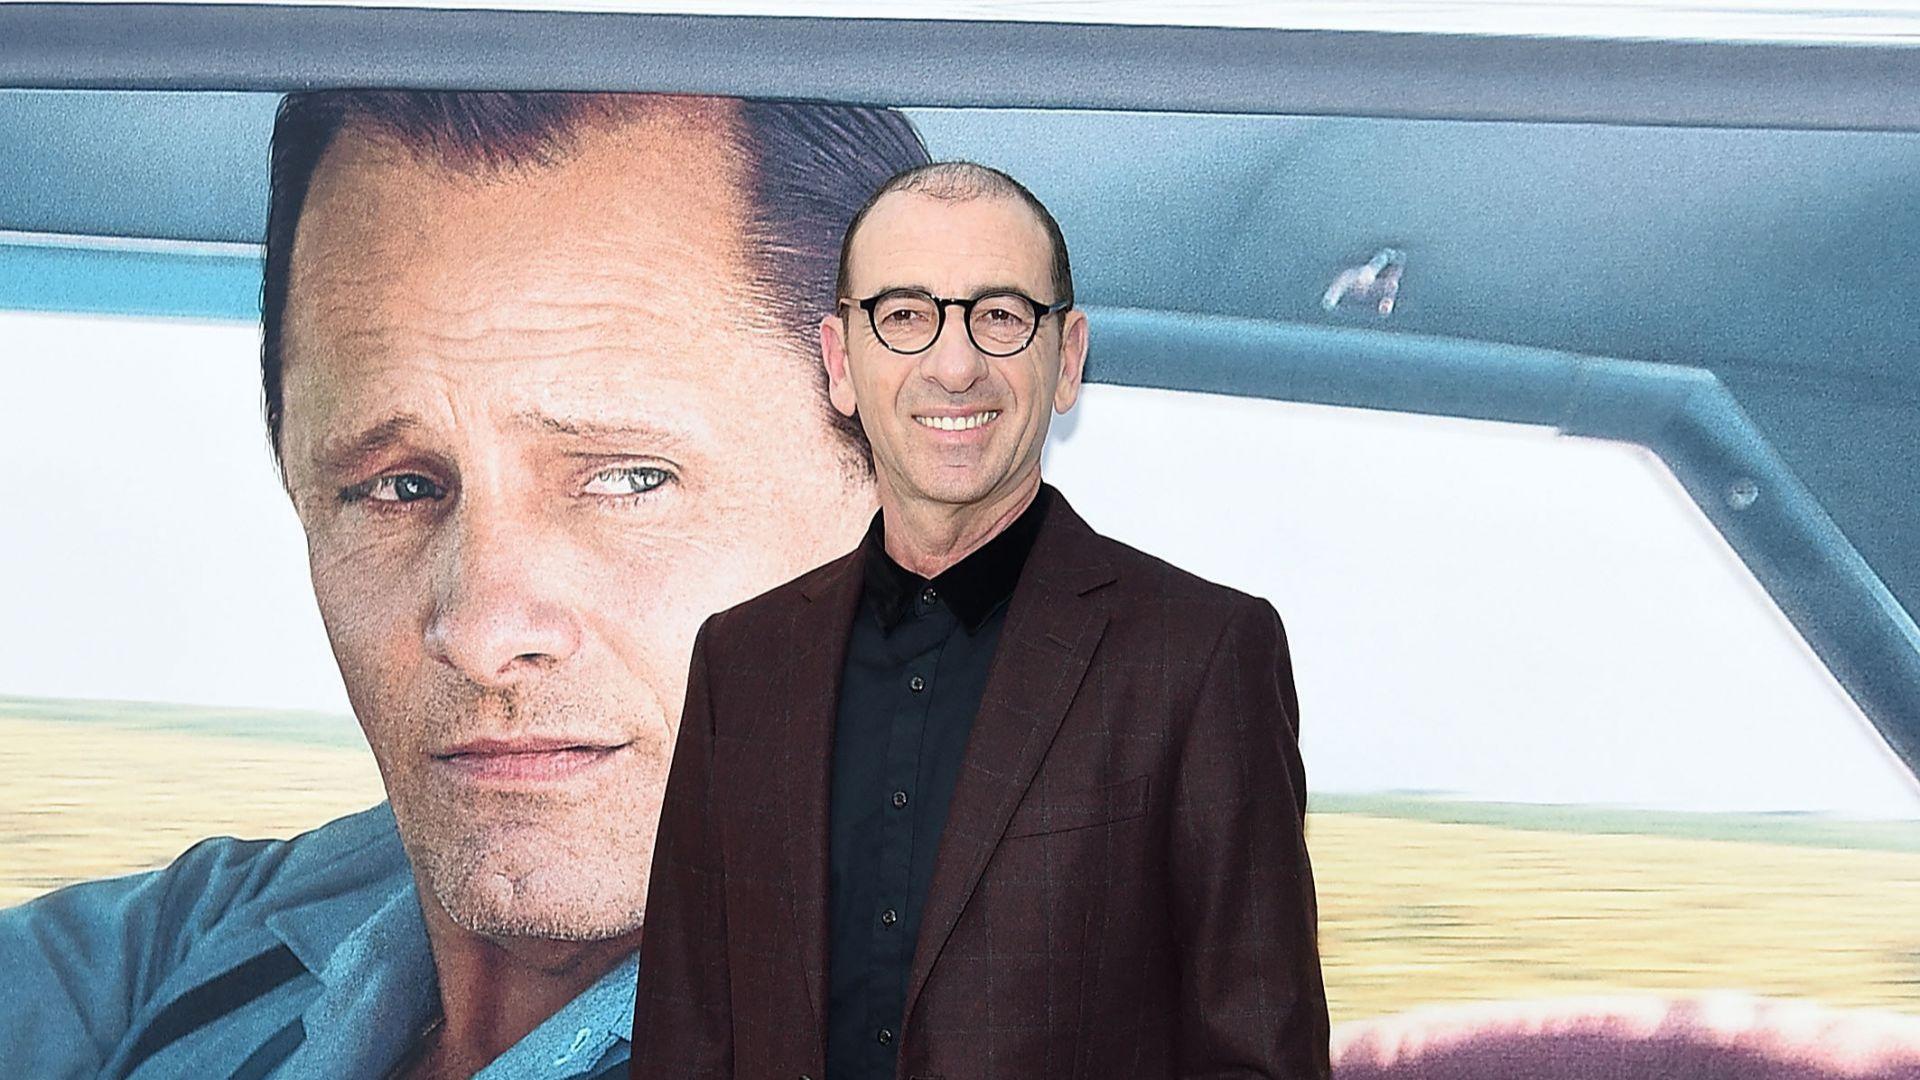 Маринов позира пред плаката на филма